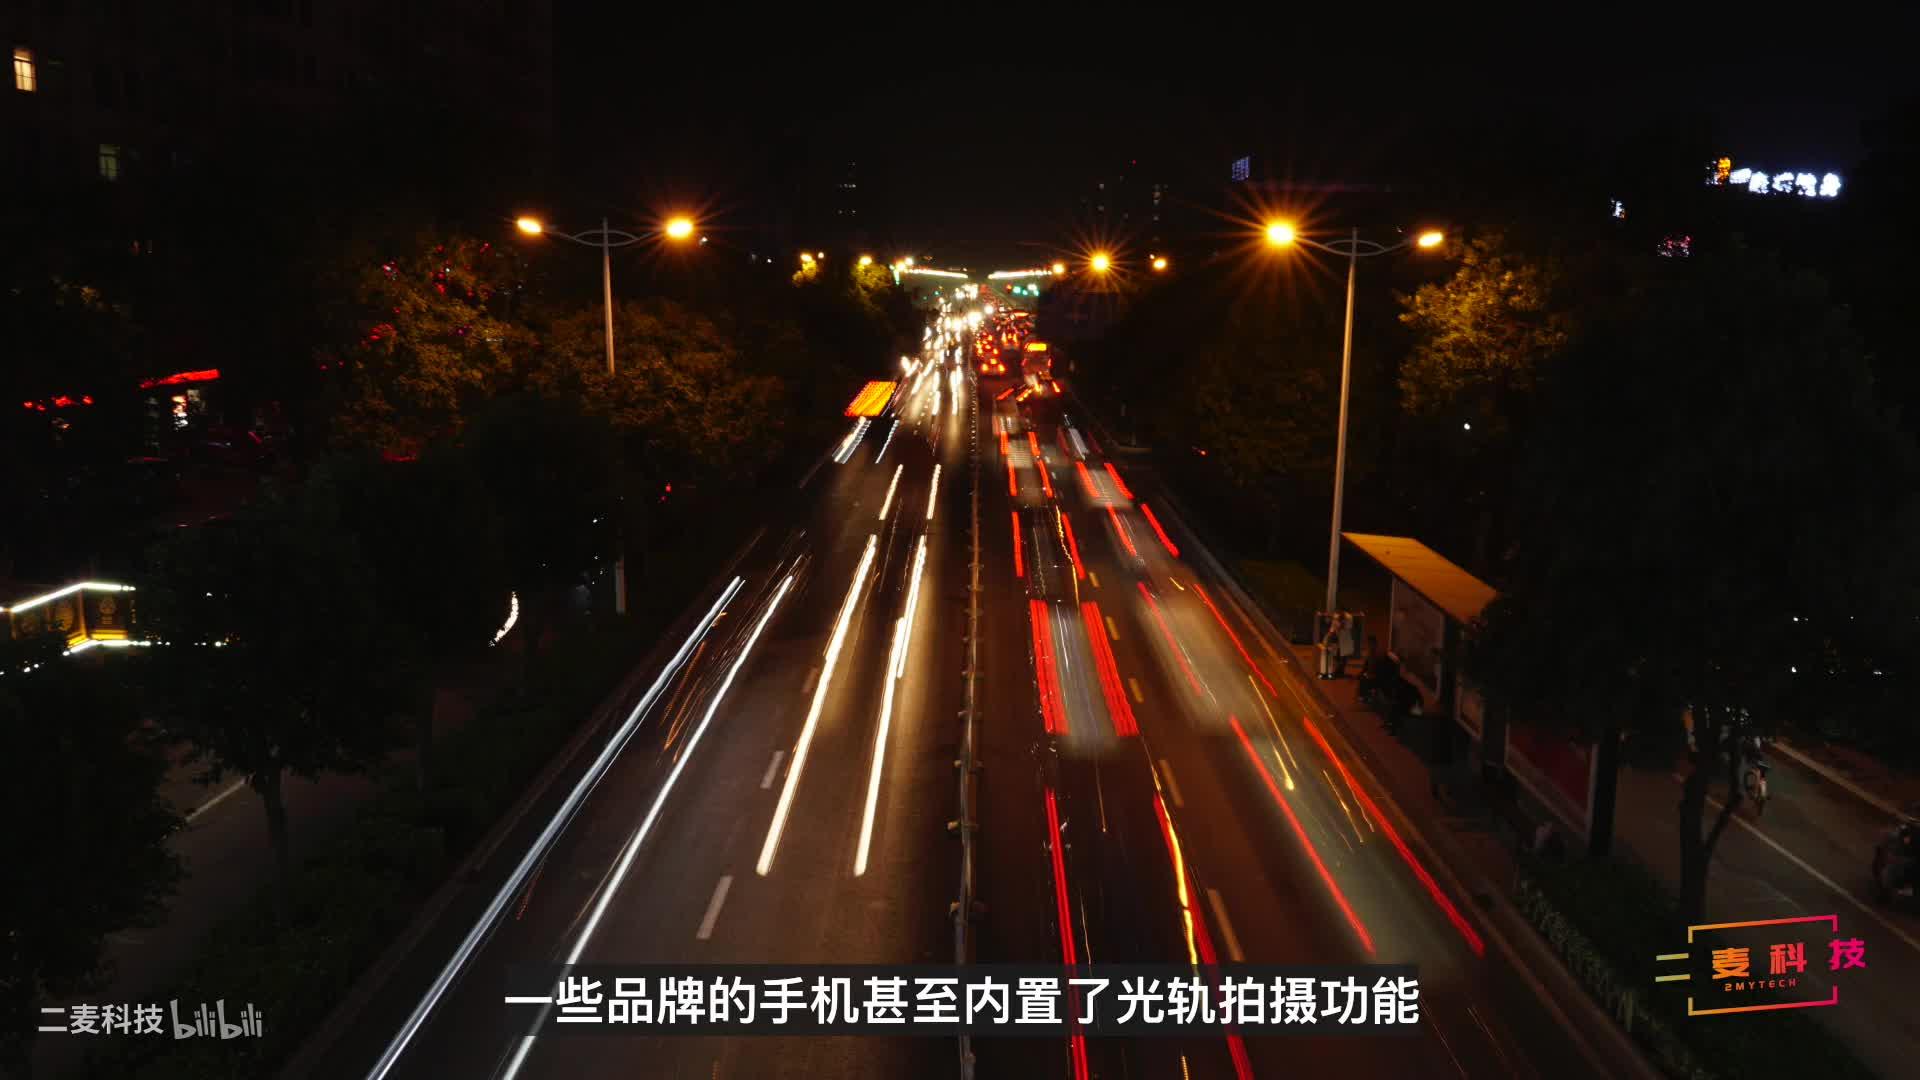 手机摄影|手机拍夜景光轨过程详解